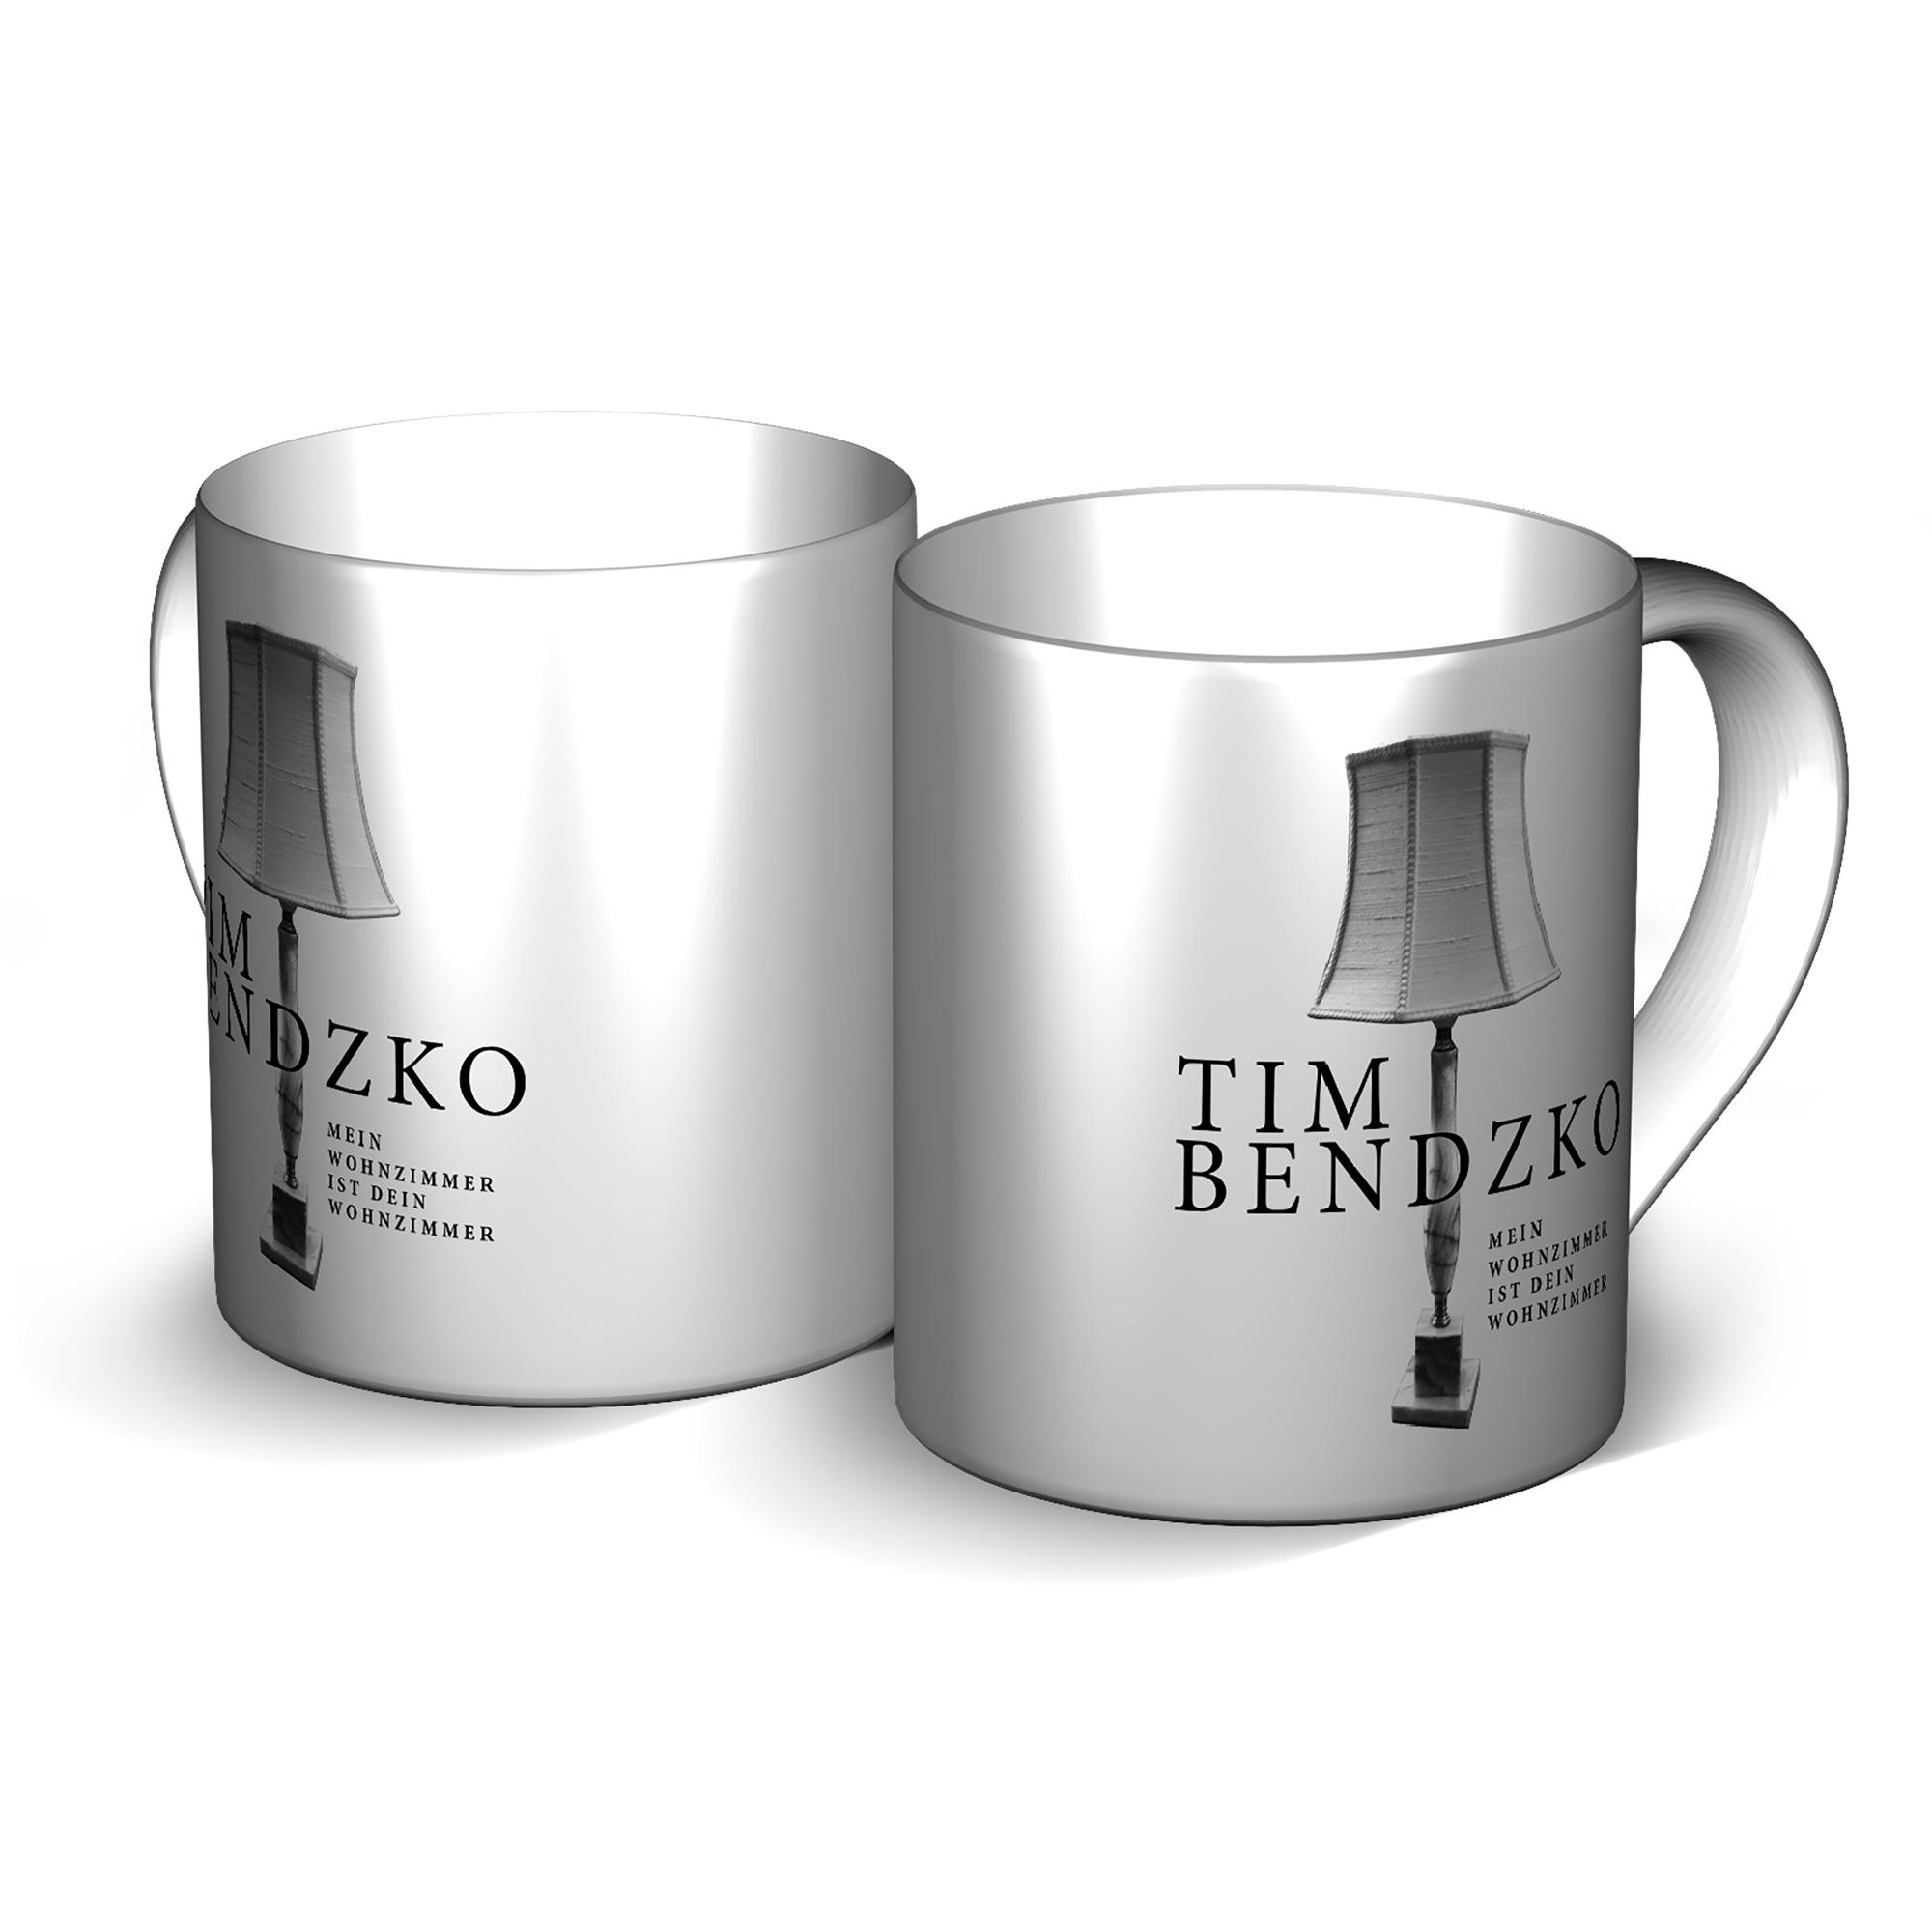 Bravado - Mein Wohnzimmer - Tim Bendzko - Tasse